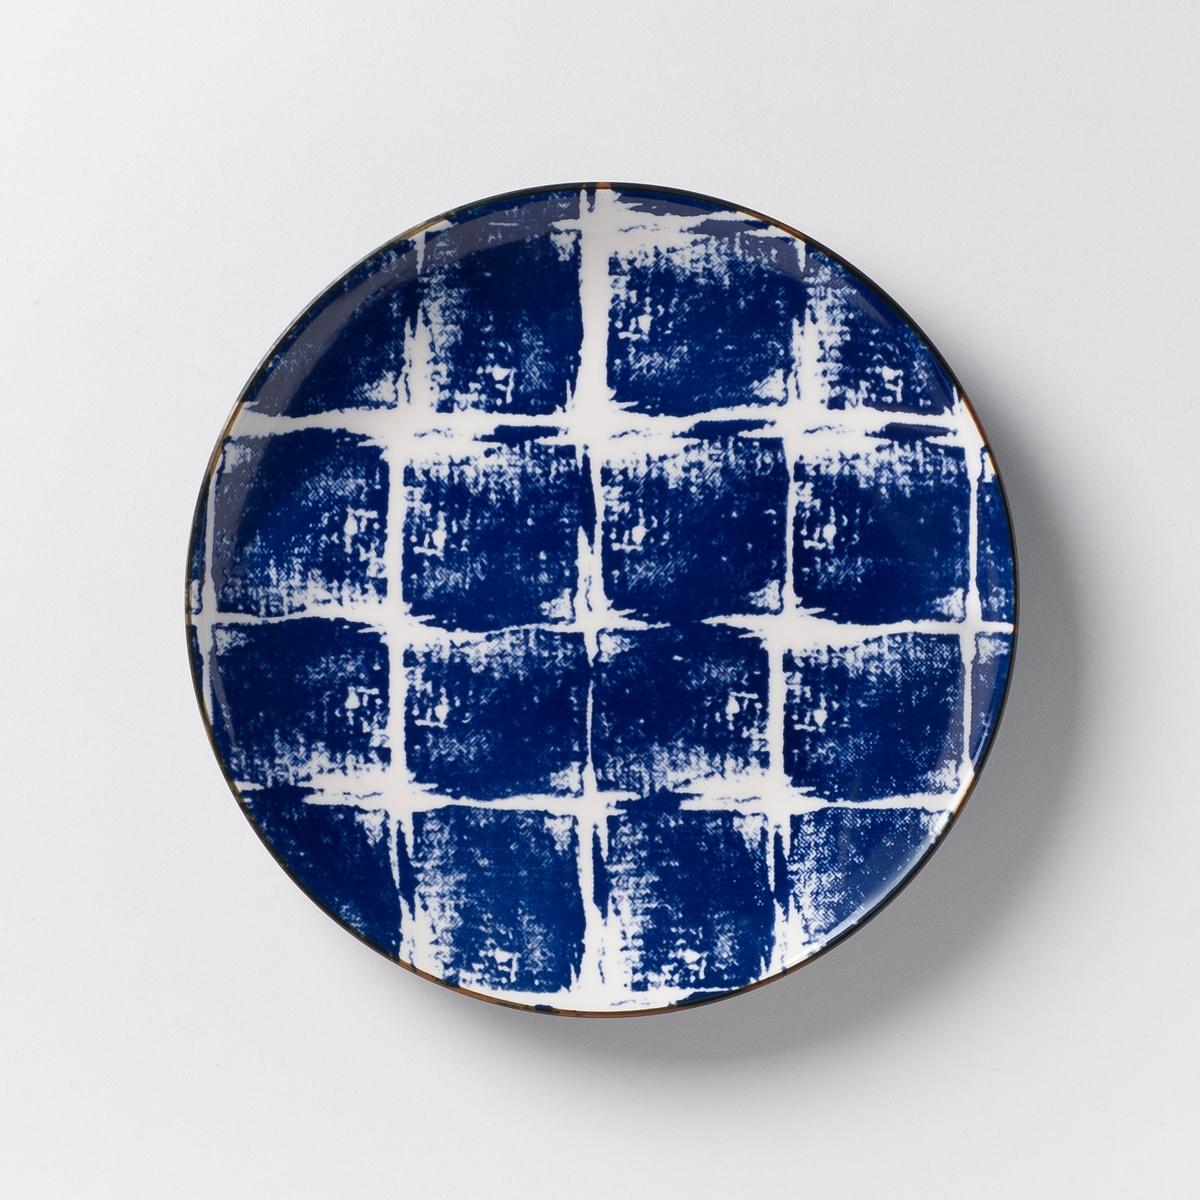 Комплект из 4 десертных тарелок из керамики Malado